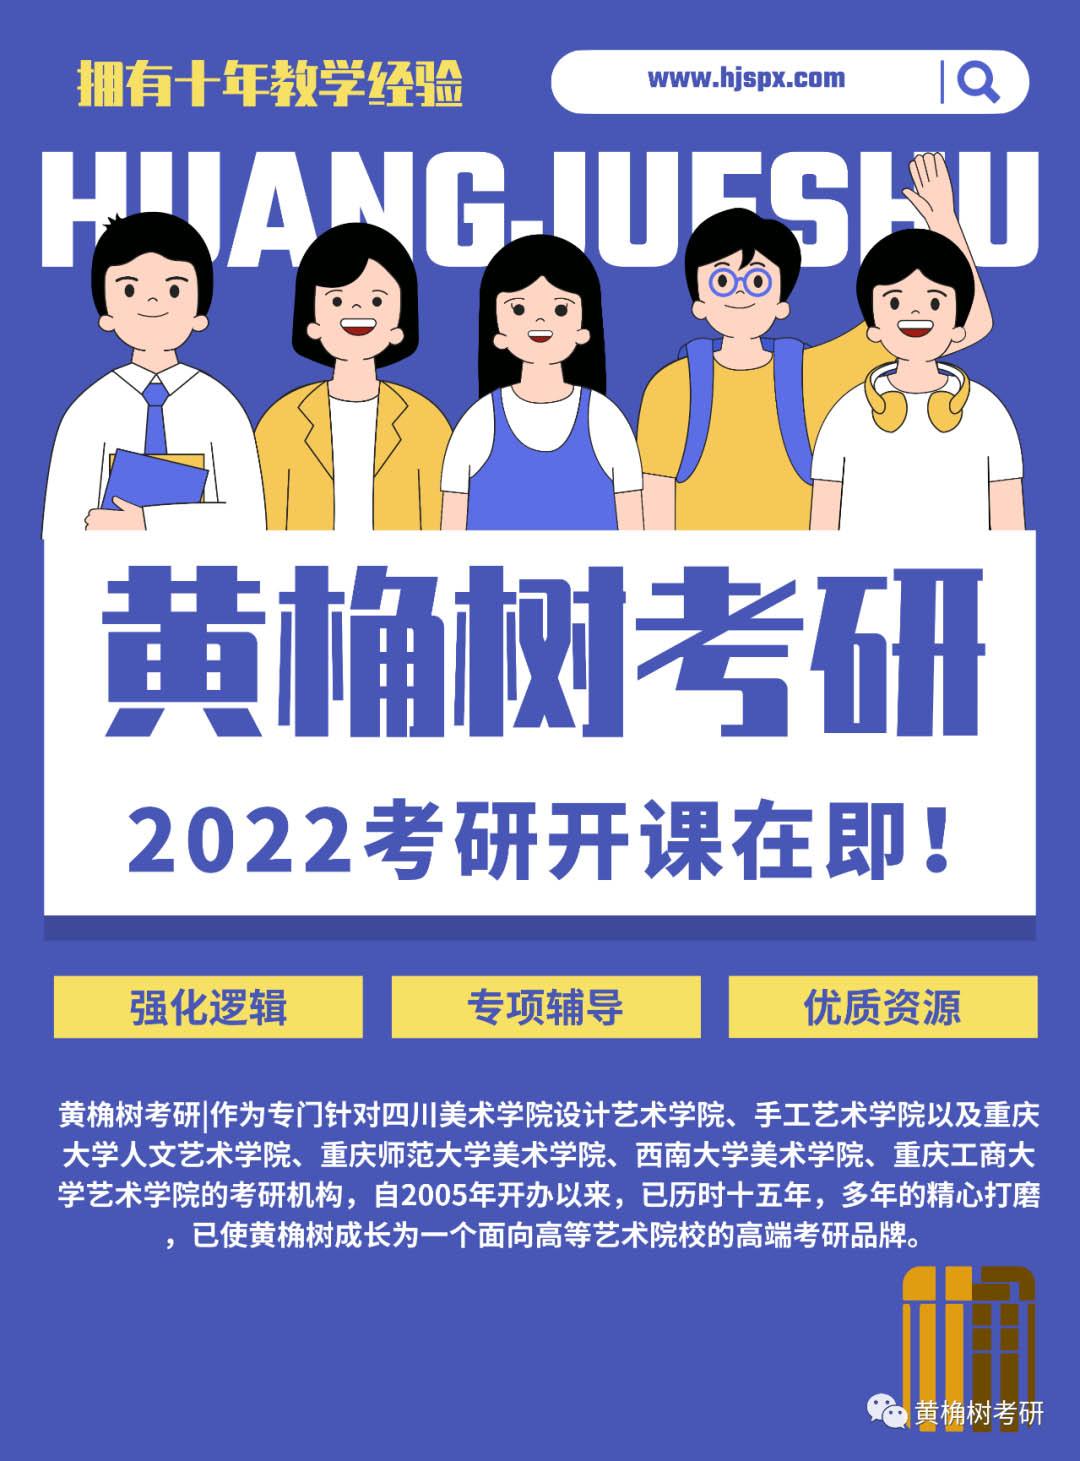 重庆手工艺考研培训机商丘师范学院构,重庆川美考研价格表